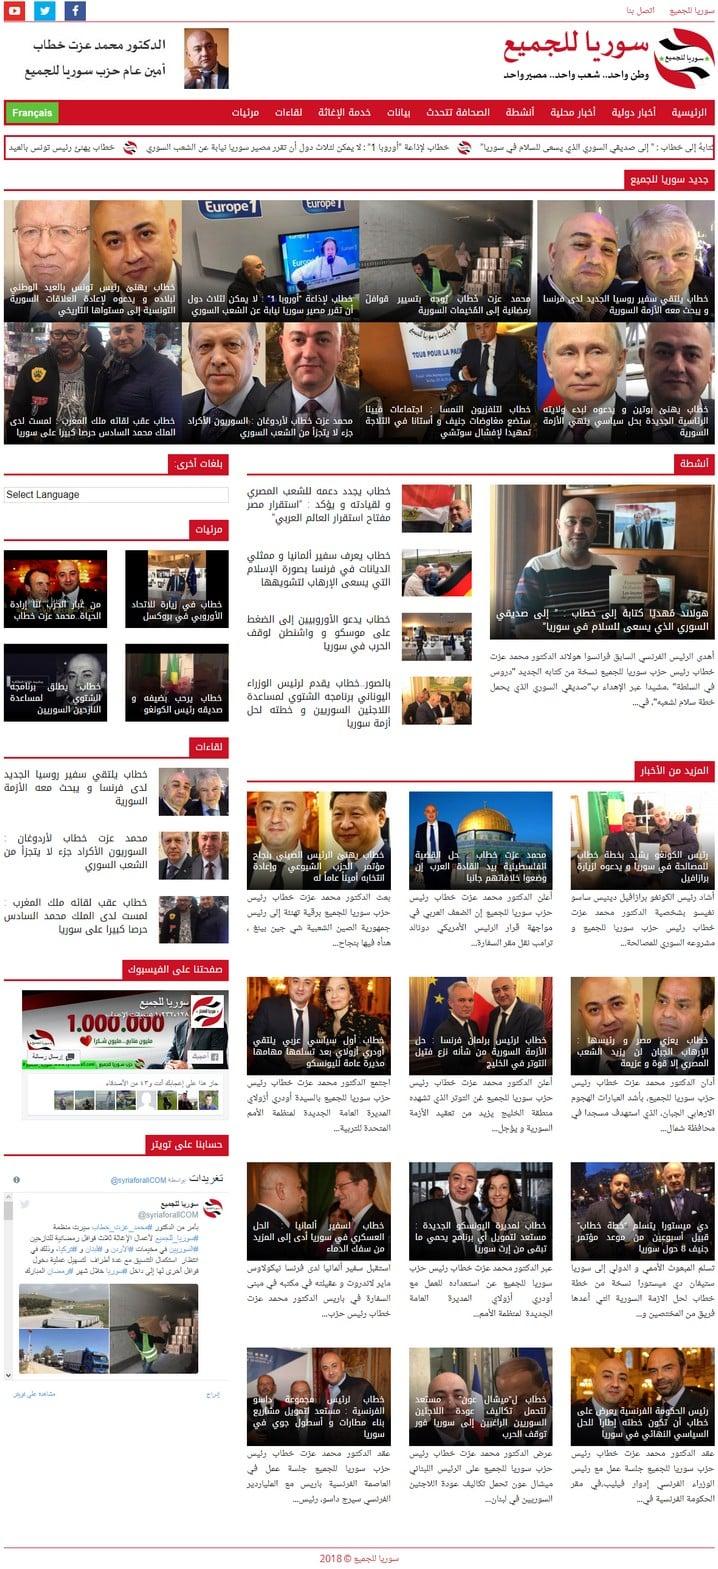 موقع سوريا للجميع